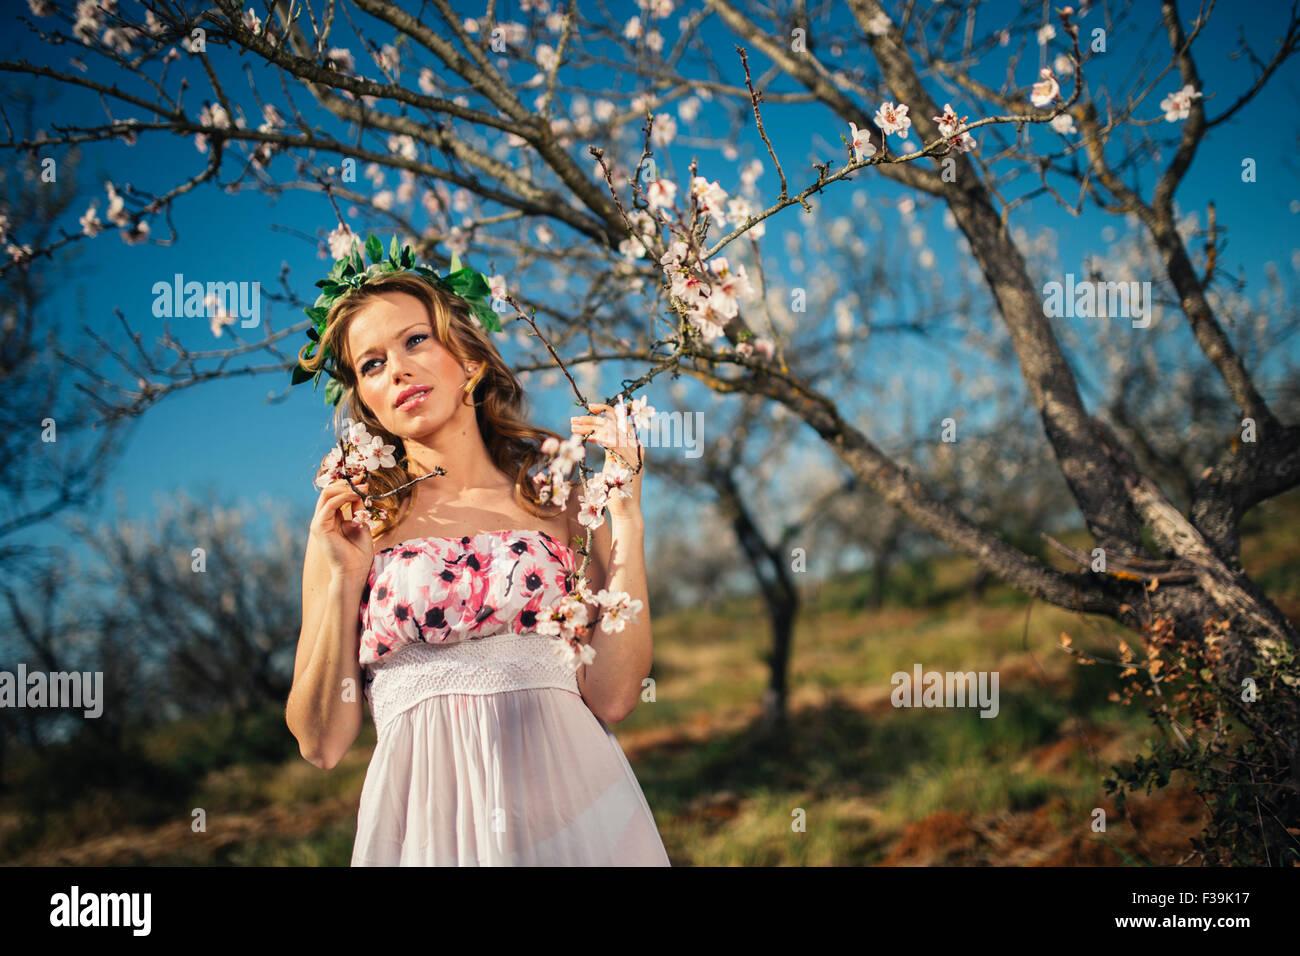 Portrait d'une femme portant une coiffe debout à côté d'un arbre en fleurs au printemps Photo Stock